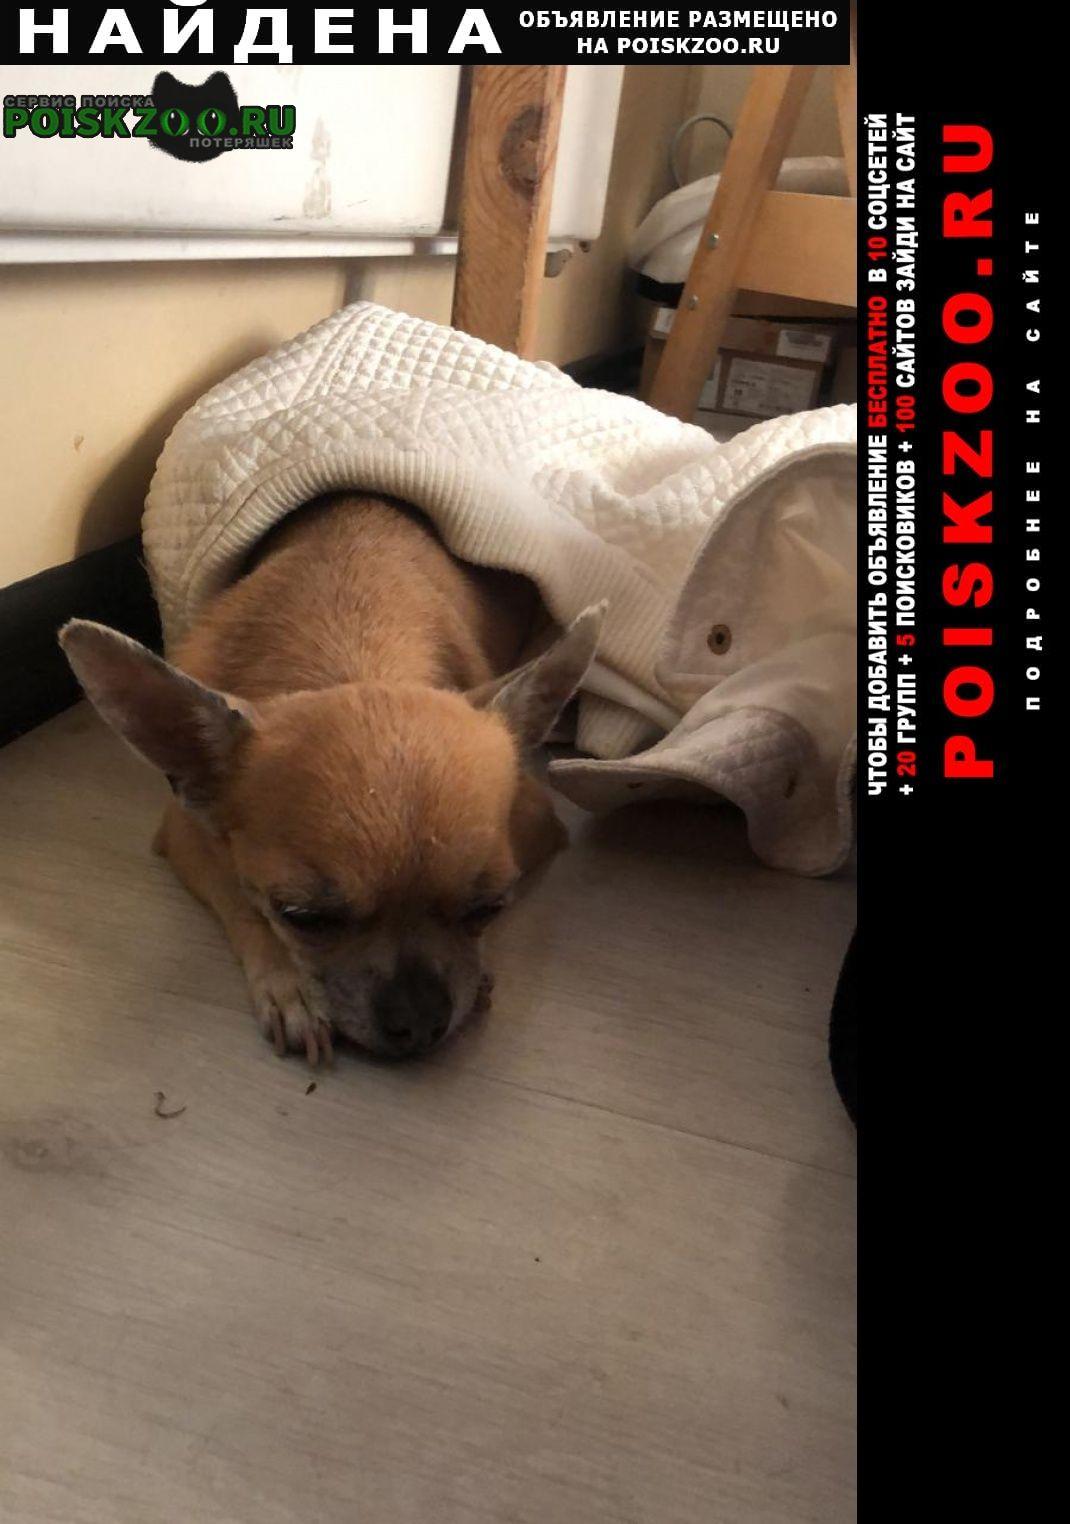 Найдена собака чихуахуа Москва